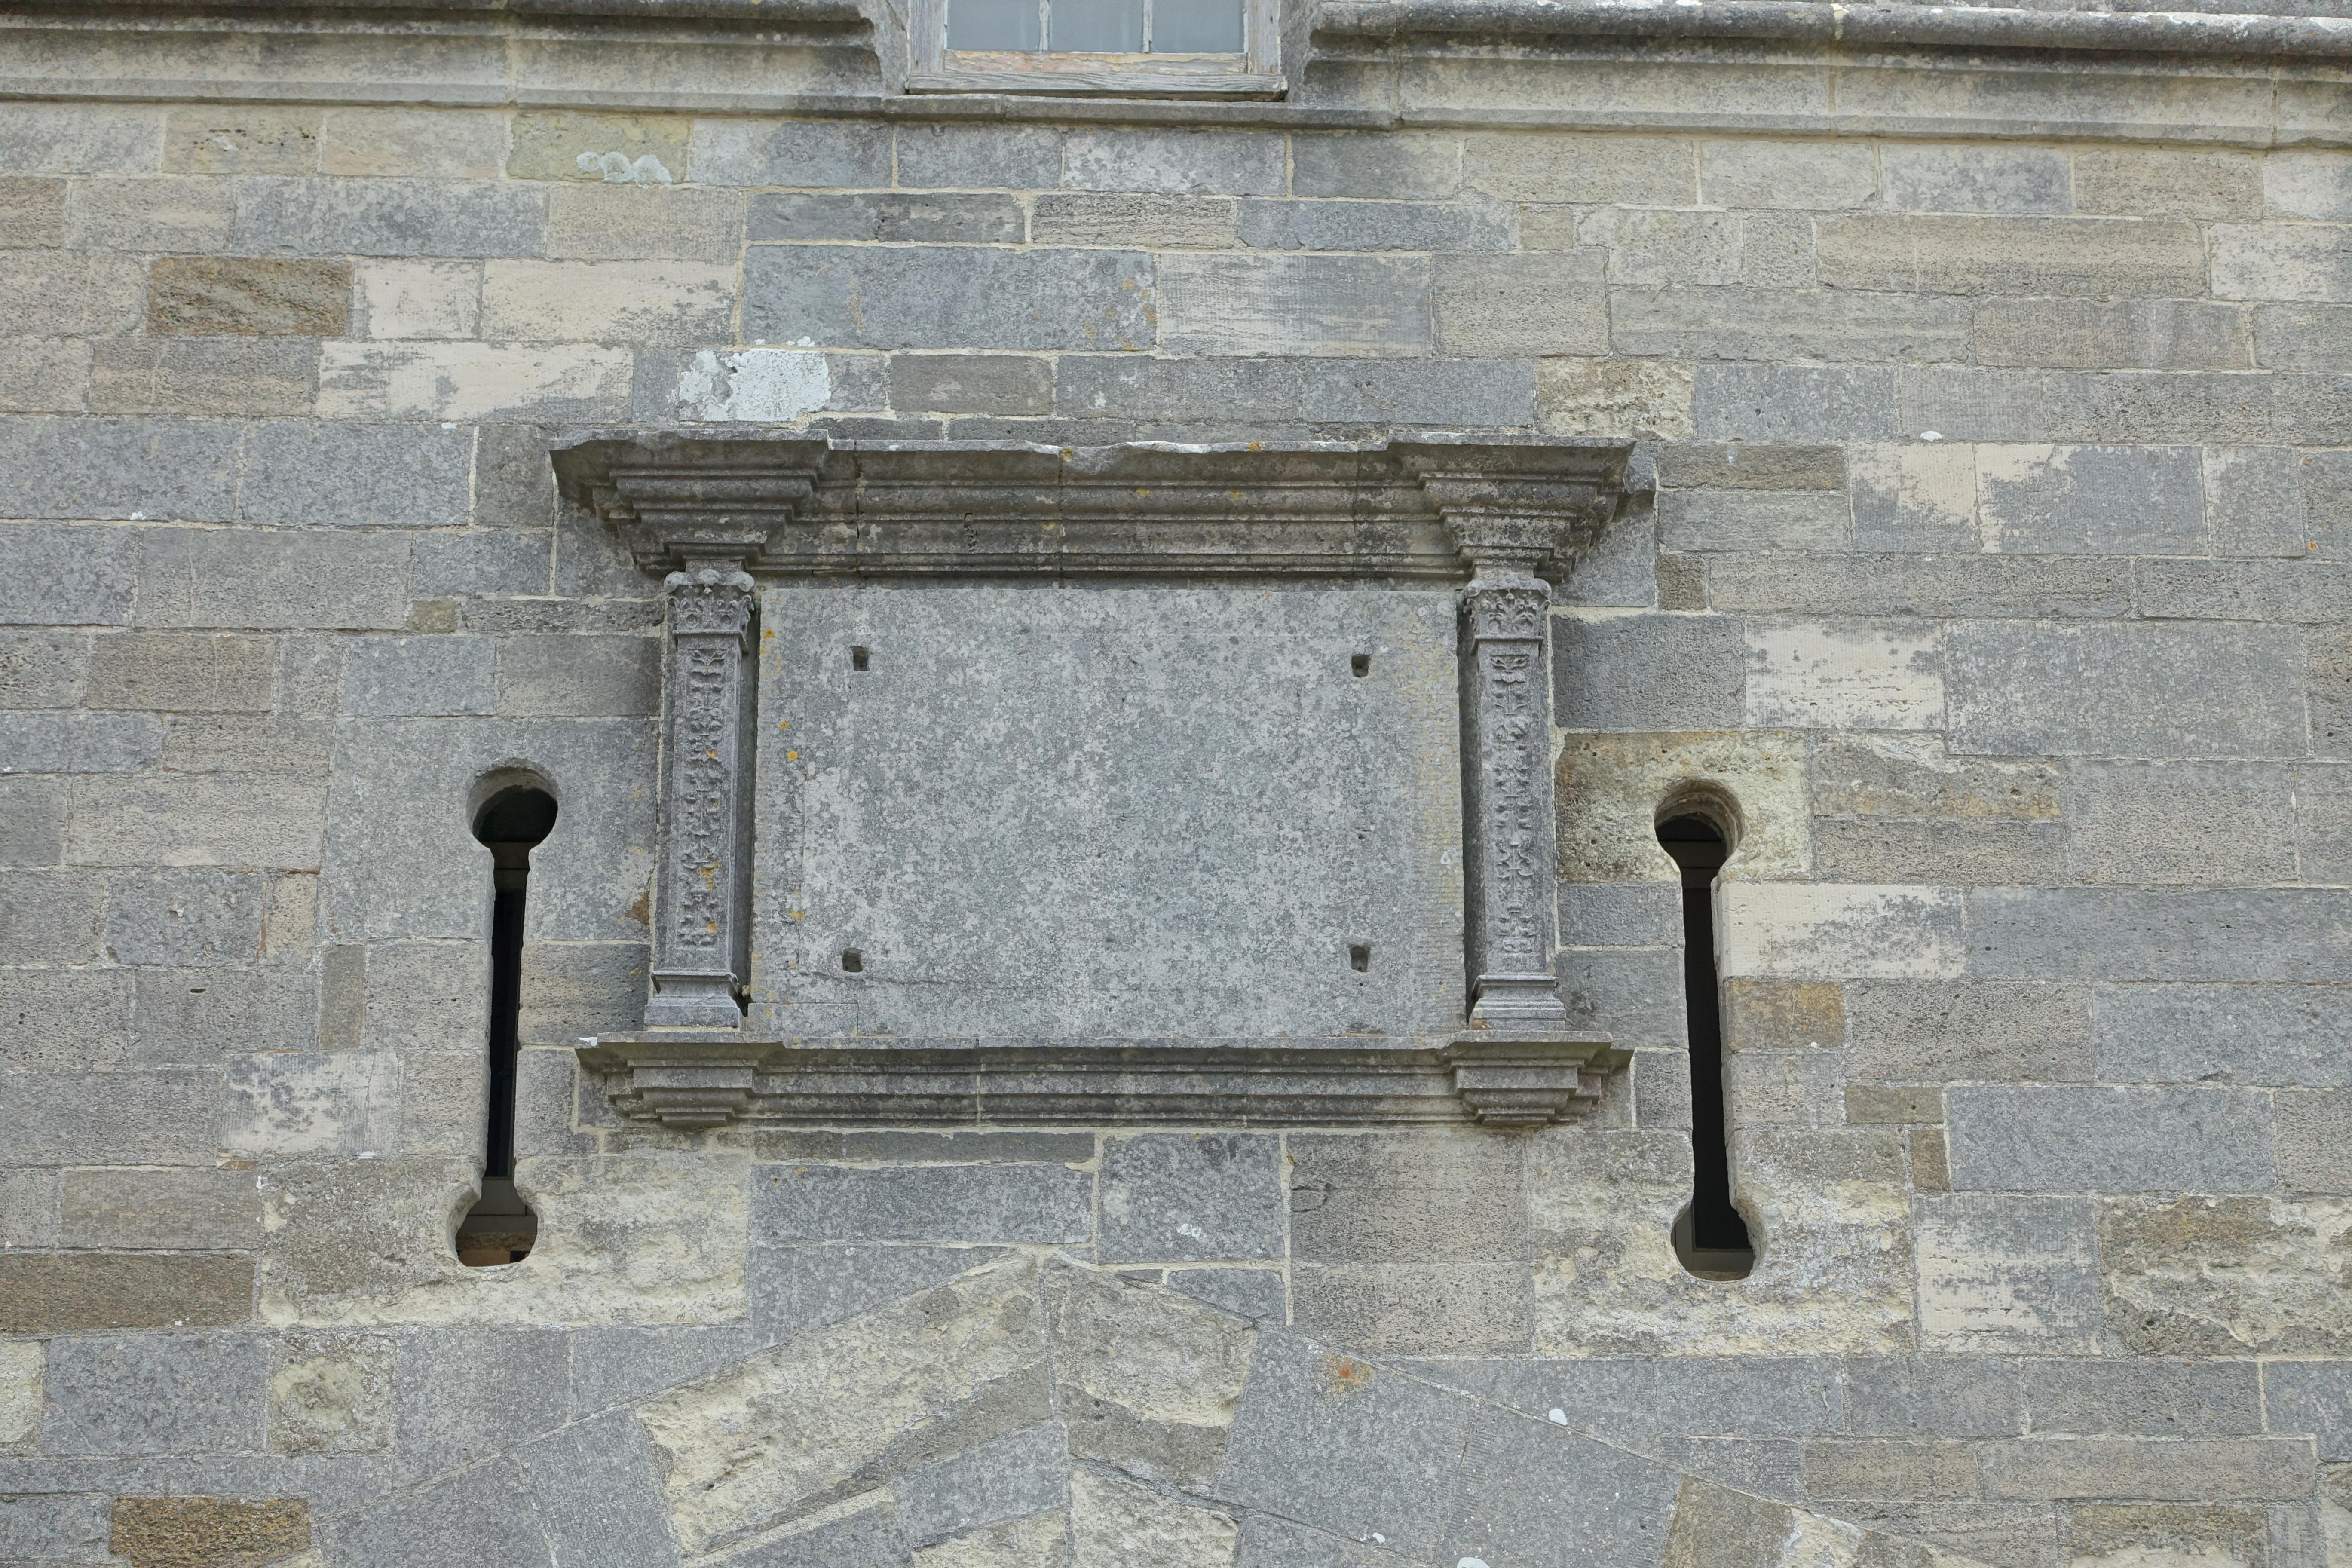 file:detail, calshot castle - calshot, england - dsc04161